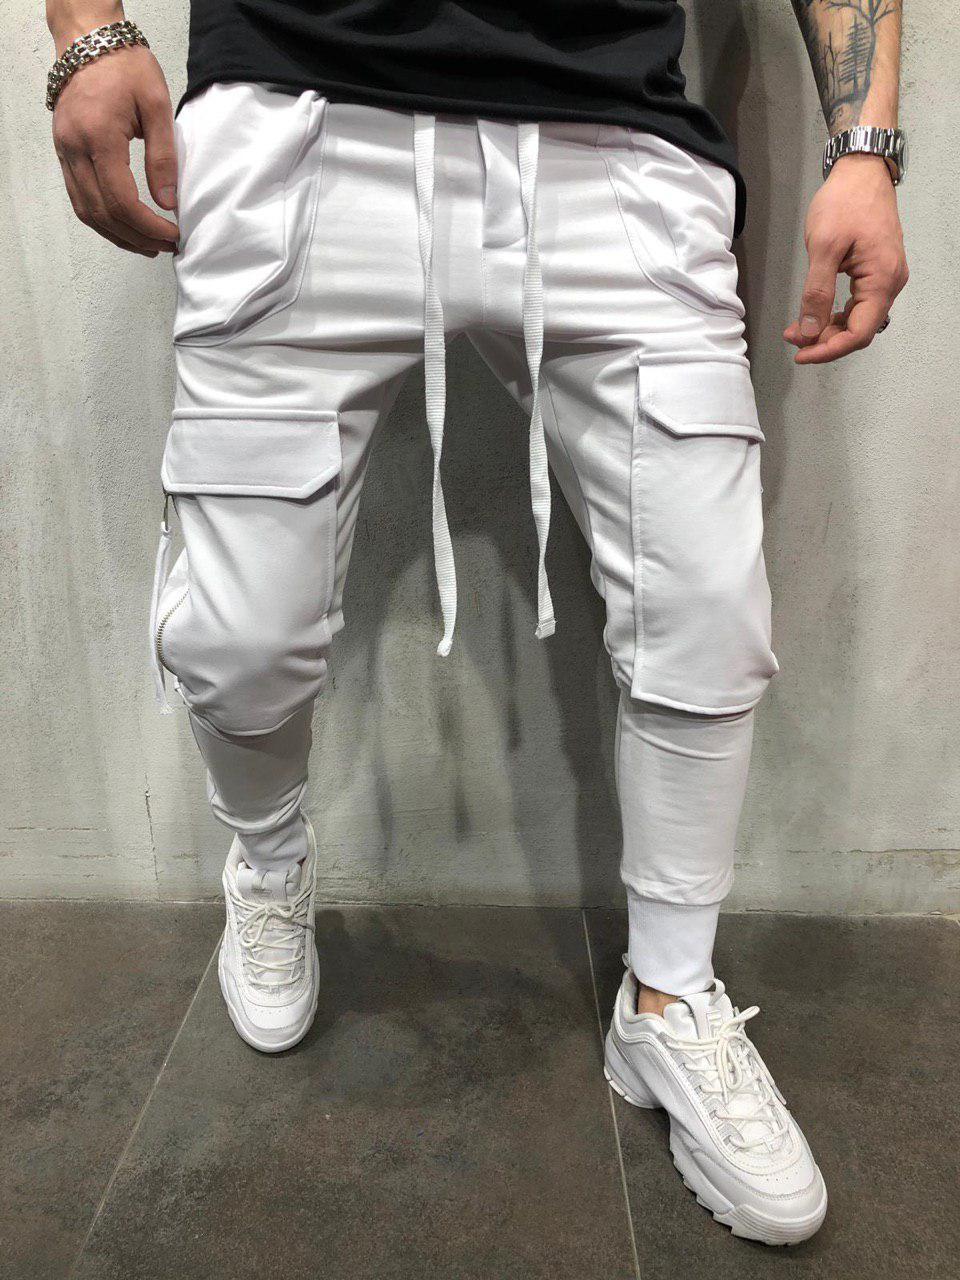 Moda para hombre del basculador de los pantalones de la venta caliente Solid color de los pantalones para hombre delgado deportes de pista y camisetas Pantalones largos Activo Tamaño de 3 colores M-3XL